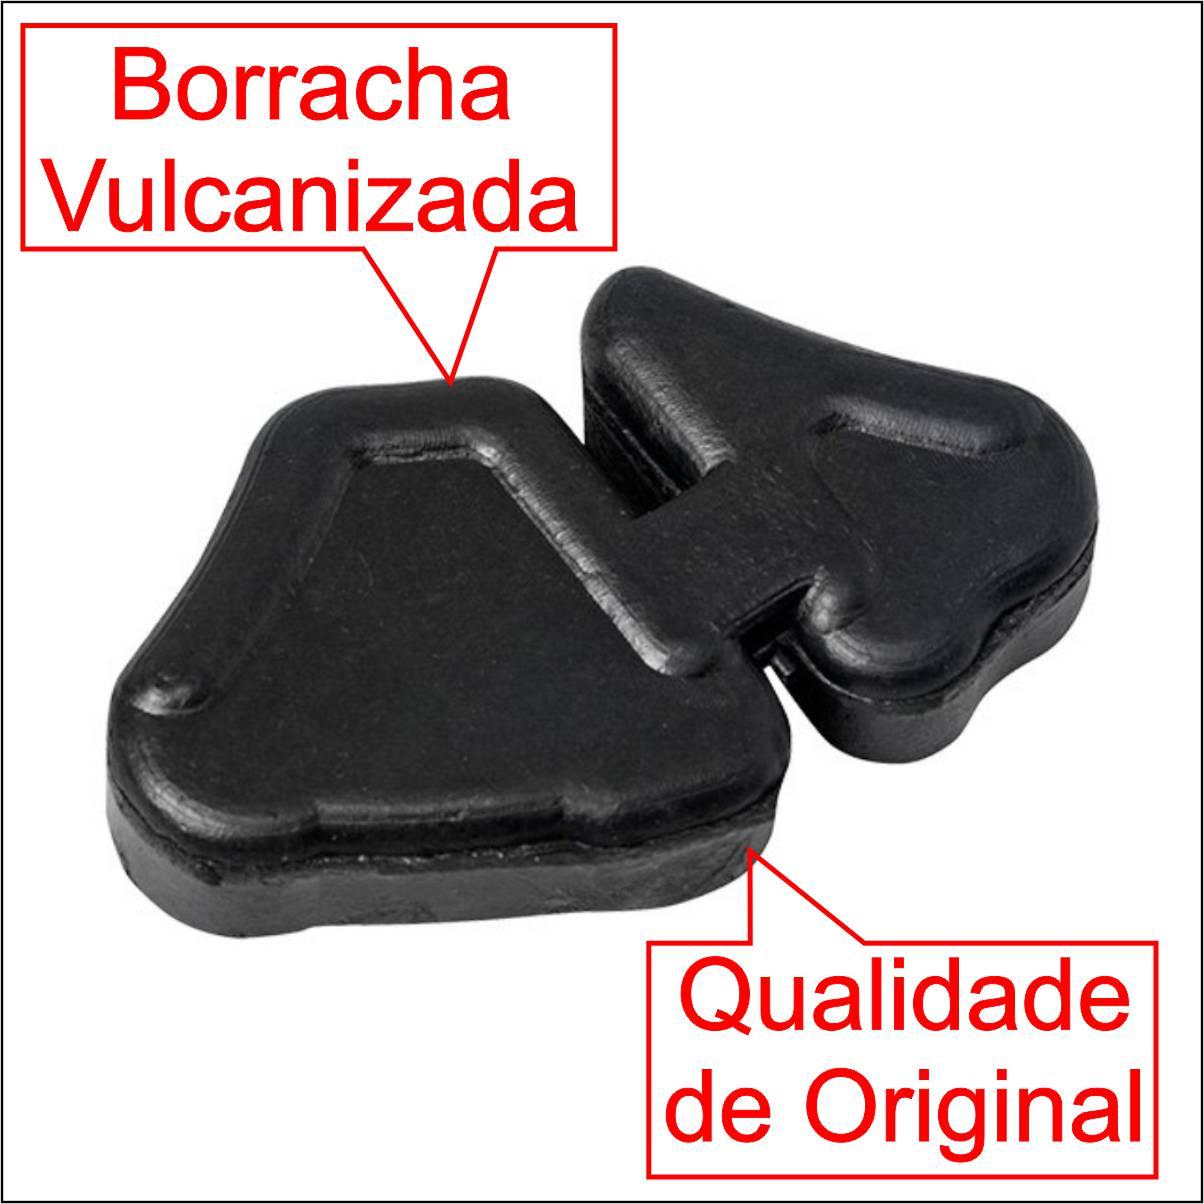 COXIM BRANDY CUBO TRASEIRO BORRACHA RODA MOTO HONDA BIZ 125 2005 A 2020/ BIZ 110i 2016 A 2020